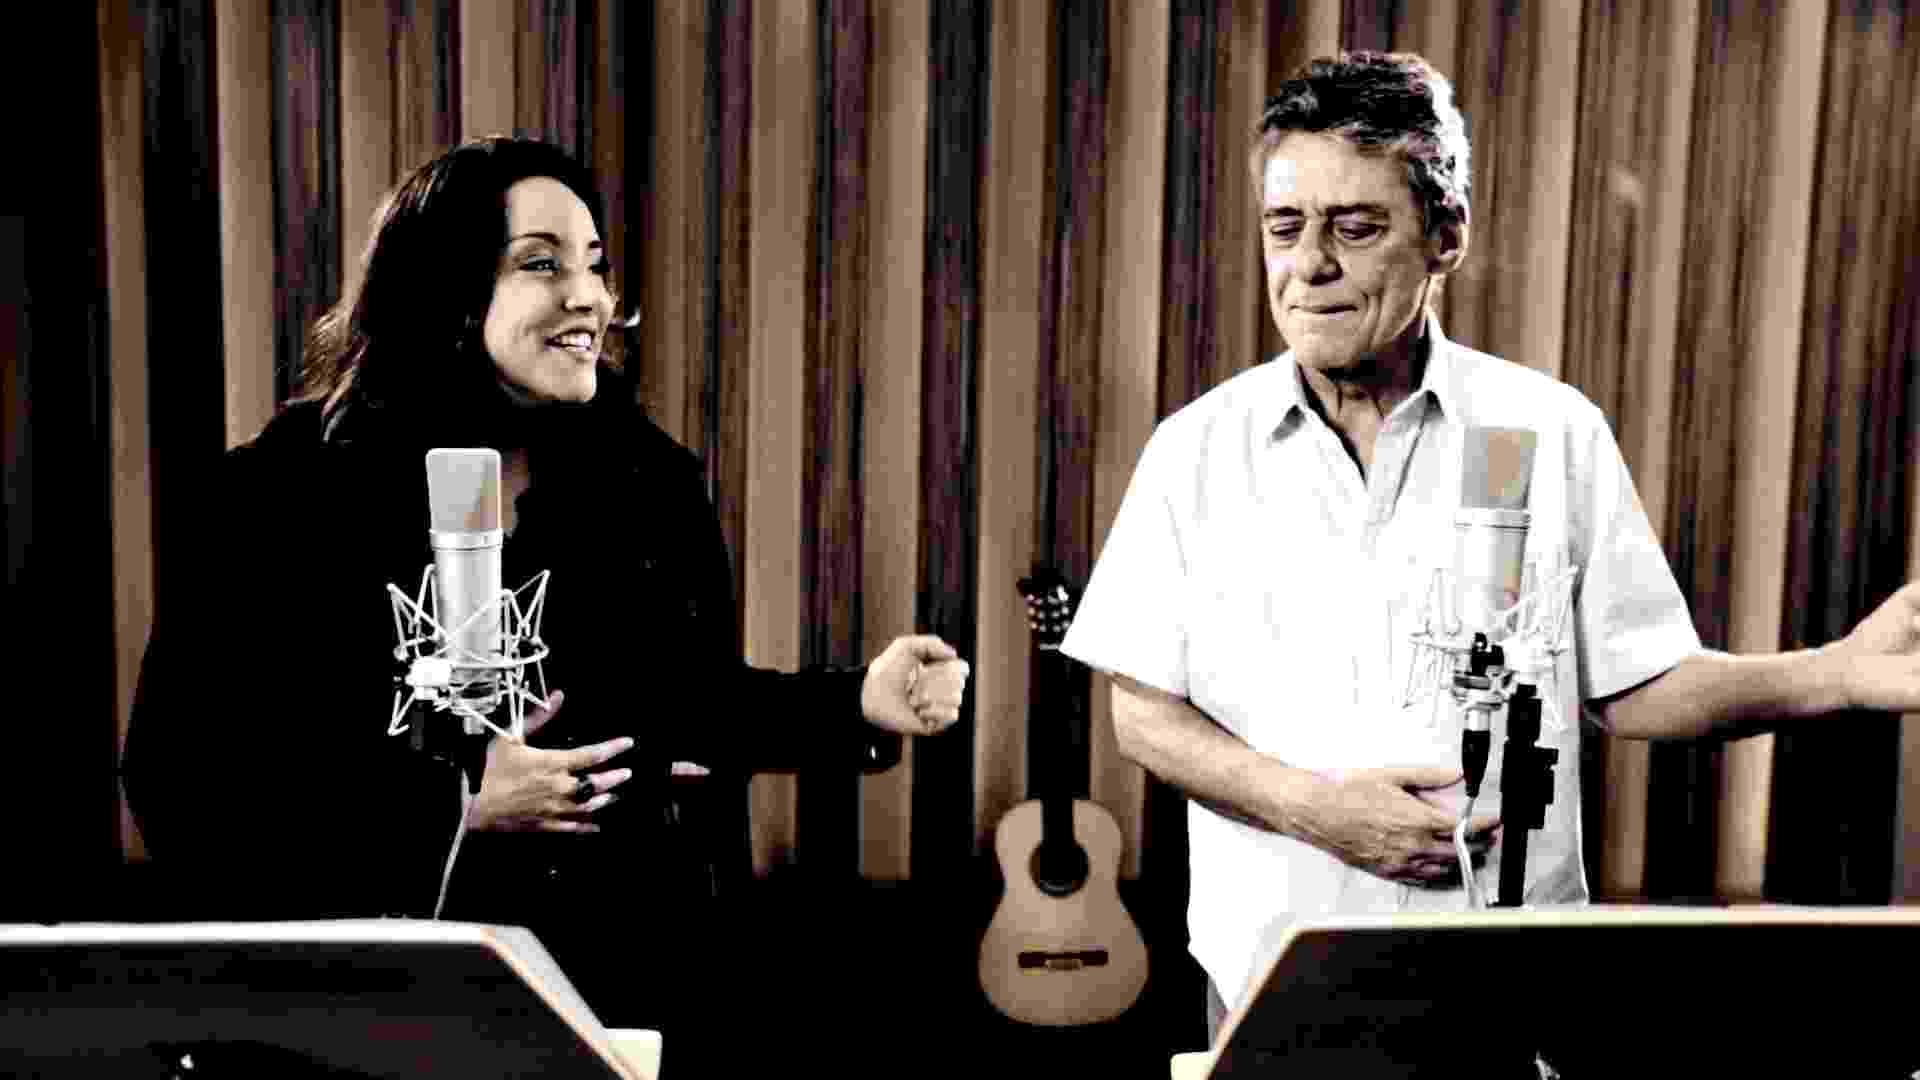 Ana Carolina e Chico - Divulgação